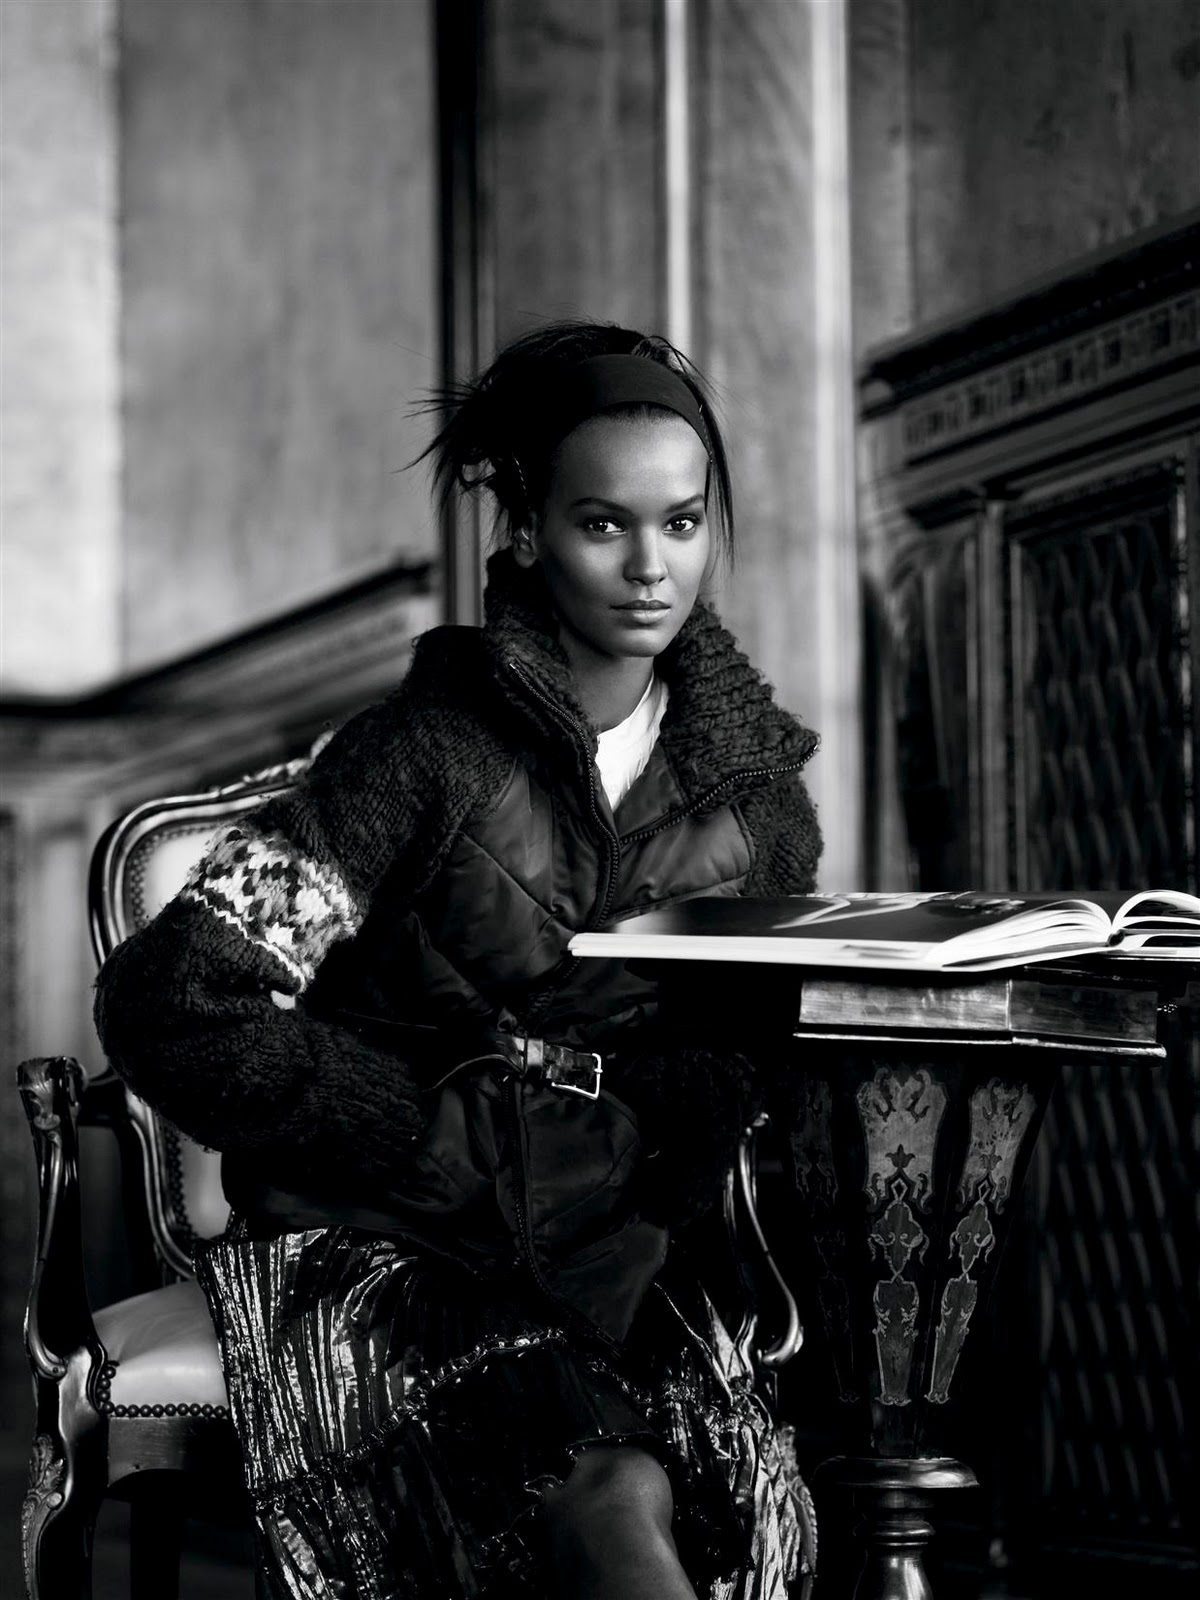 http://1.bp.blogspot.com/_fVYegcFiyX8/TS2WSY6EmHI/AAAAAAAAAYg/2tR0-g3pOo4/s1600/Liya+US+Vogue+May+2005+Meisel.jpg